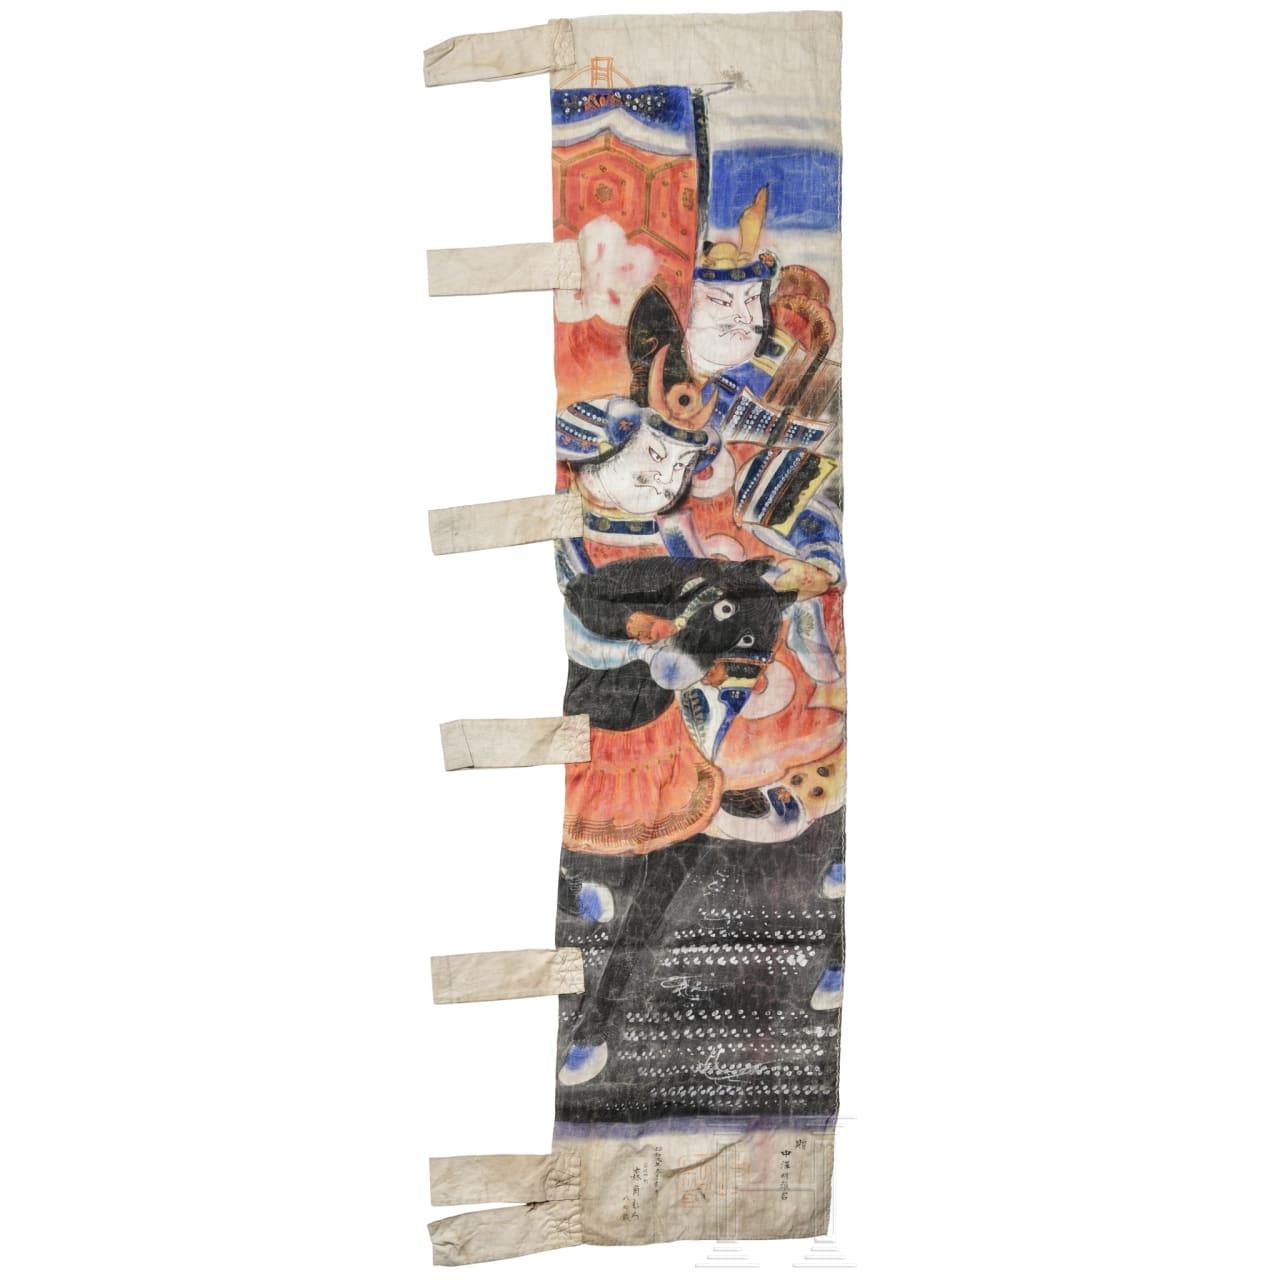 Samurai-Fahne, 19. Jhdt.